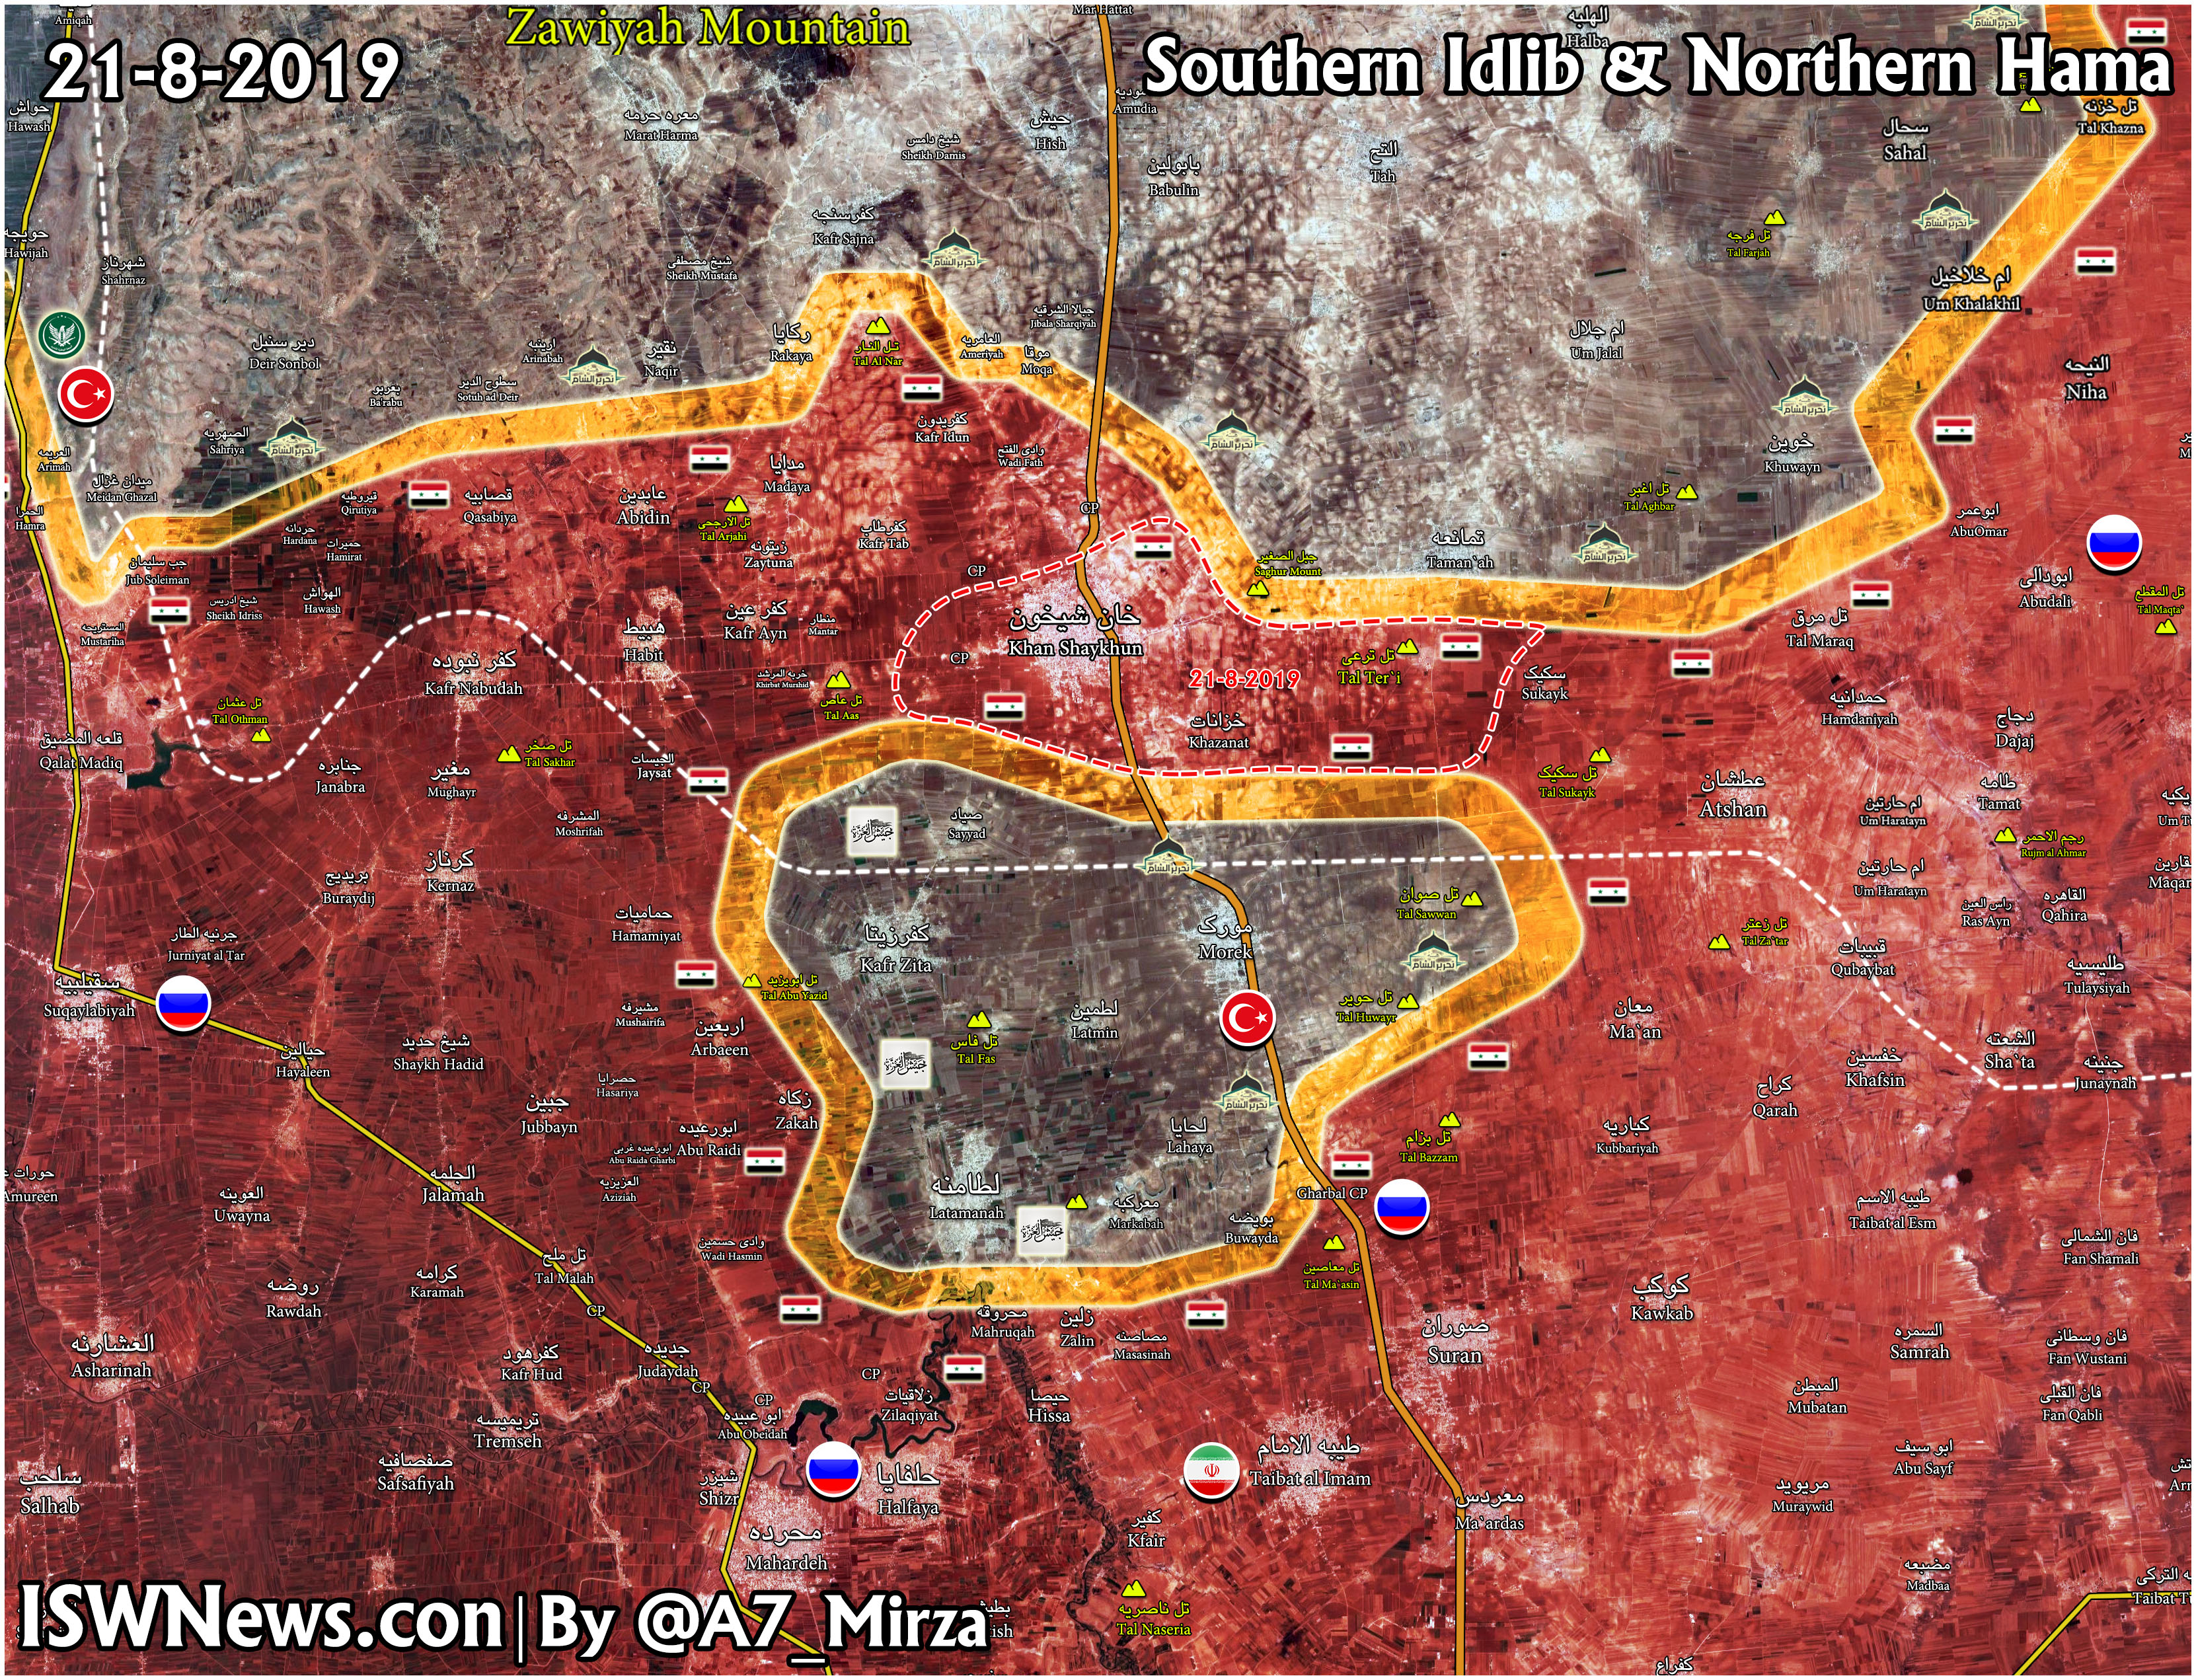 Sýrska Armáda Besieges Zostávajúce Militantov Pozície, Turecké Pozorovacie V Severnom Hama